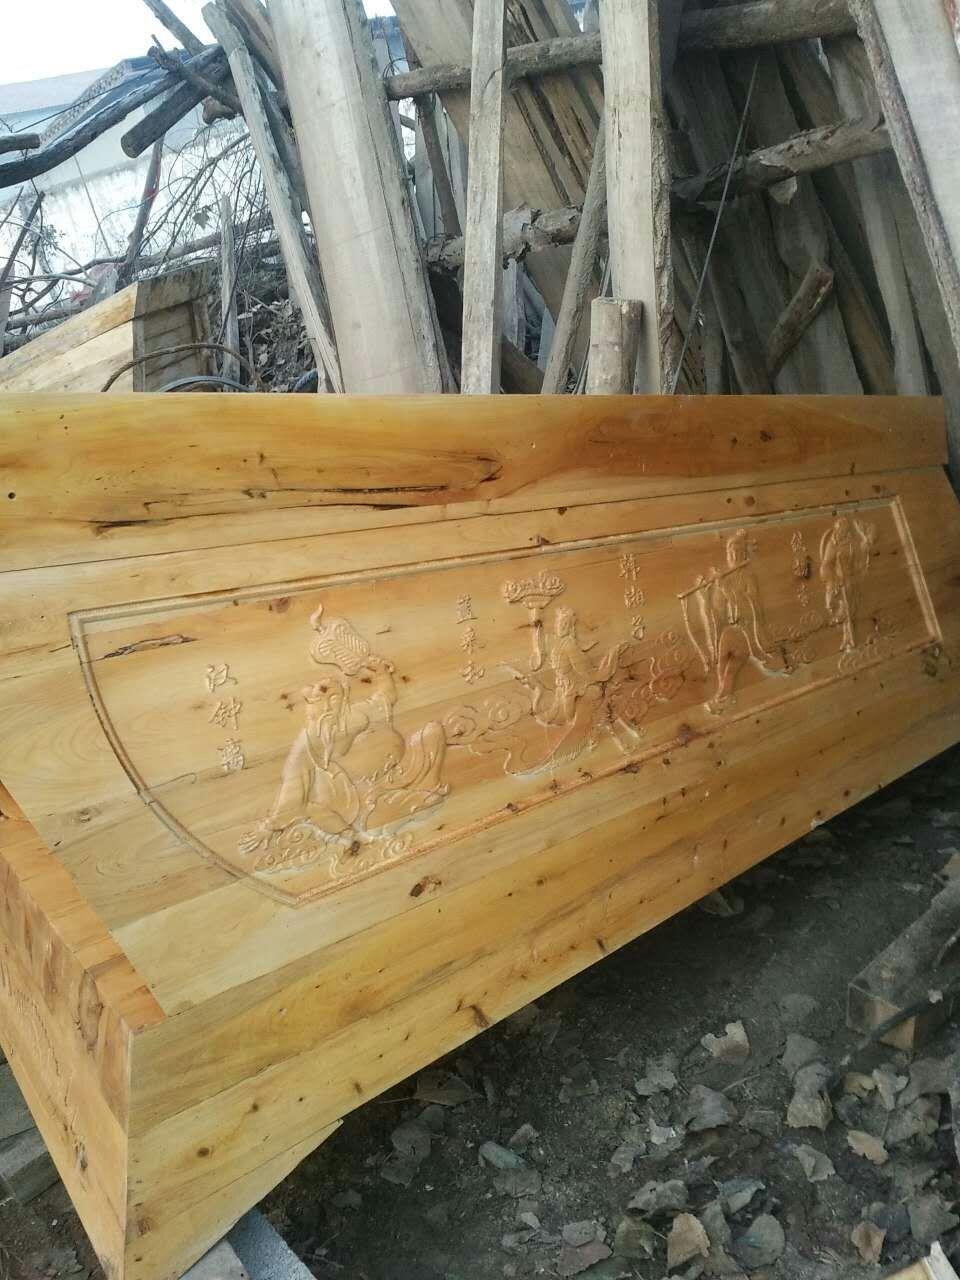 供应信息 礼品工艺品 殡葬用品    红运柏木棺材出售为您提供中国哪